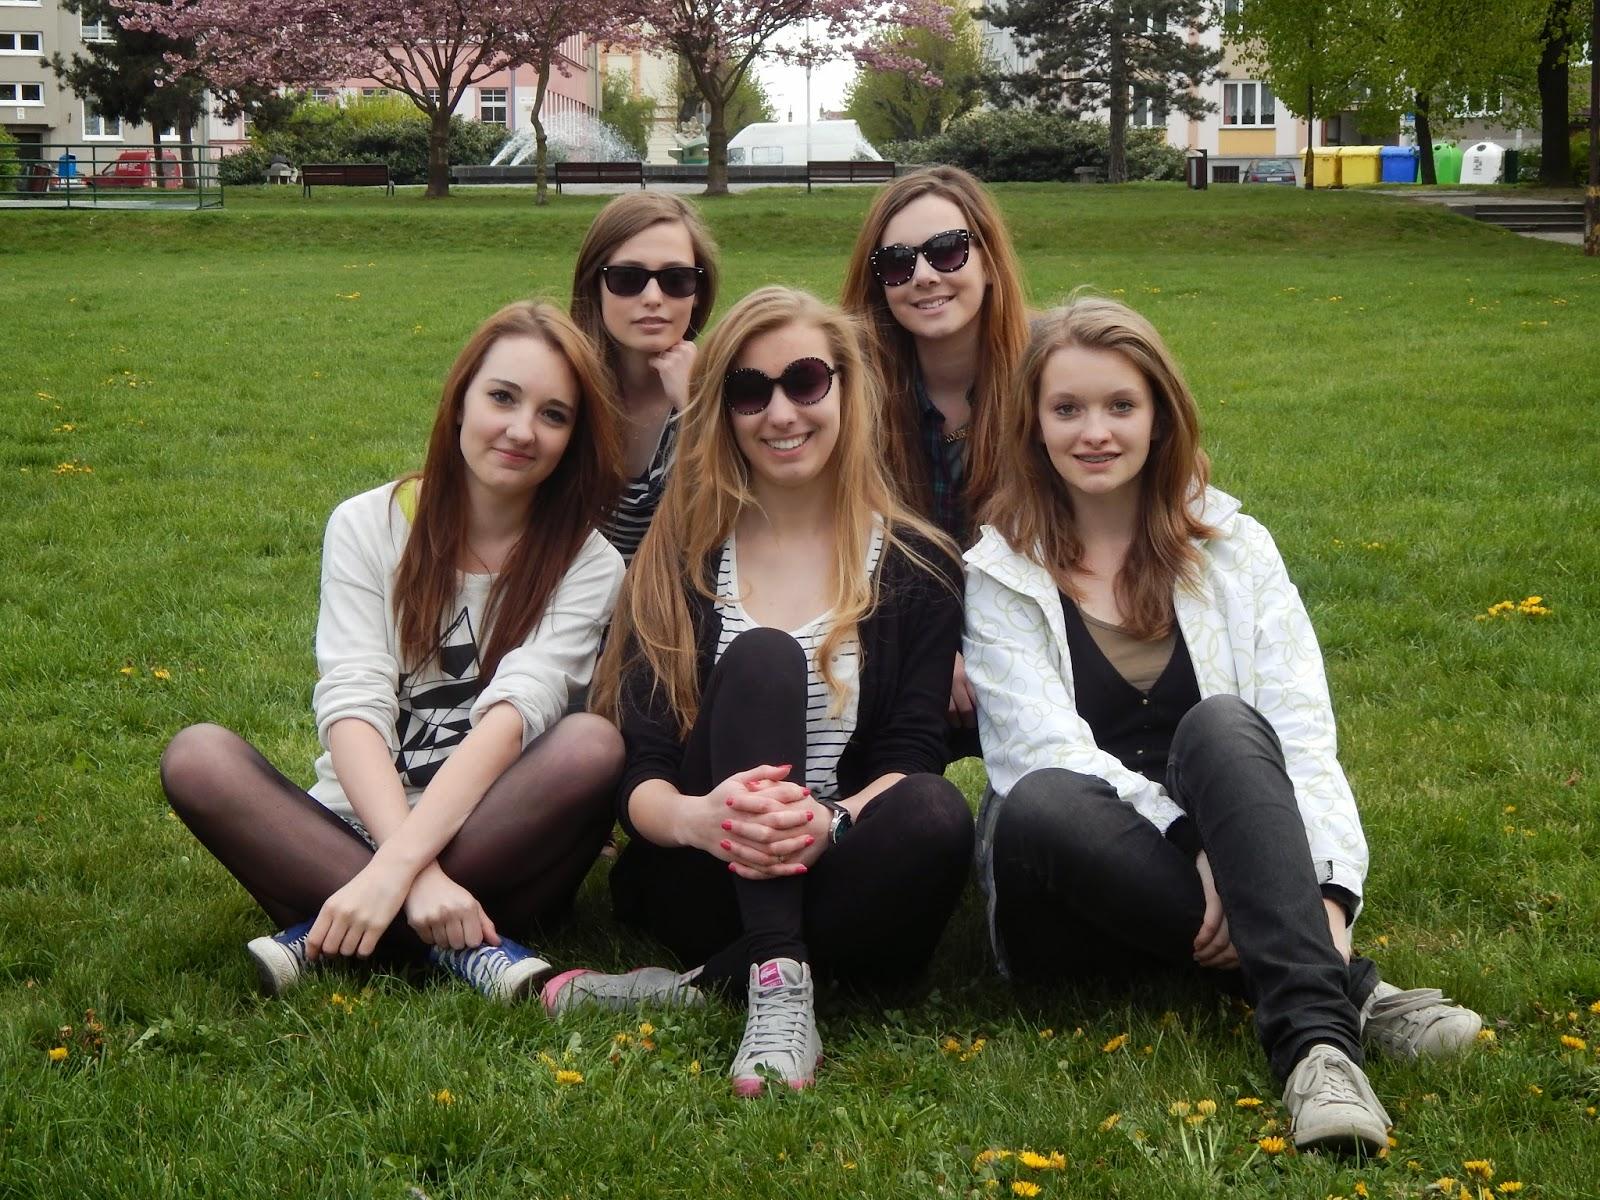 Skupinová fotka v parku